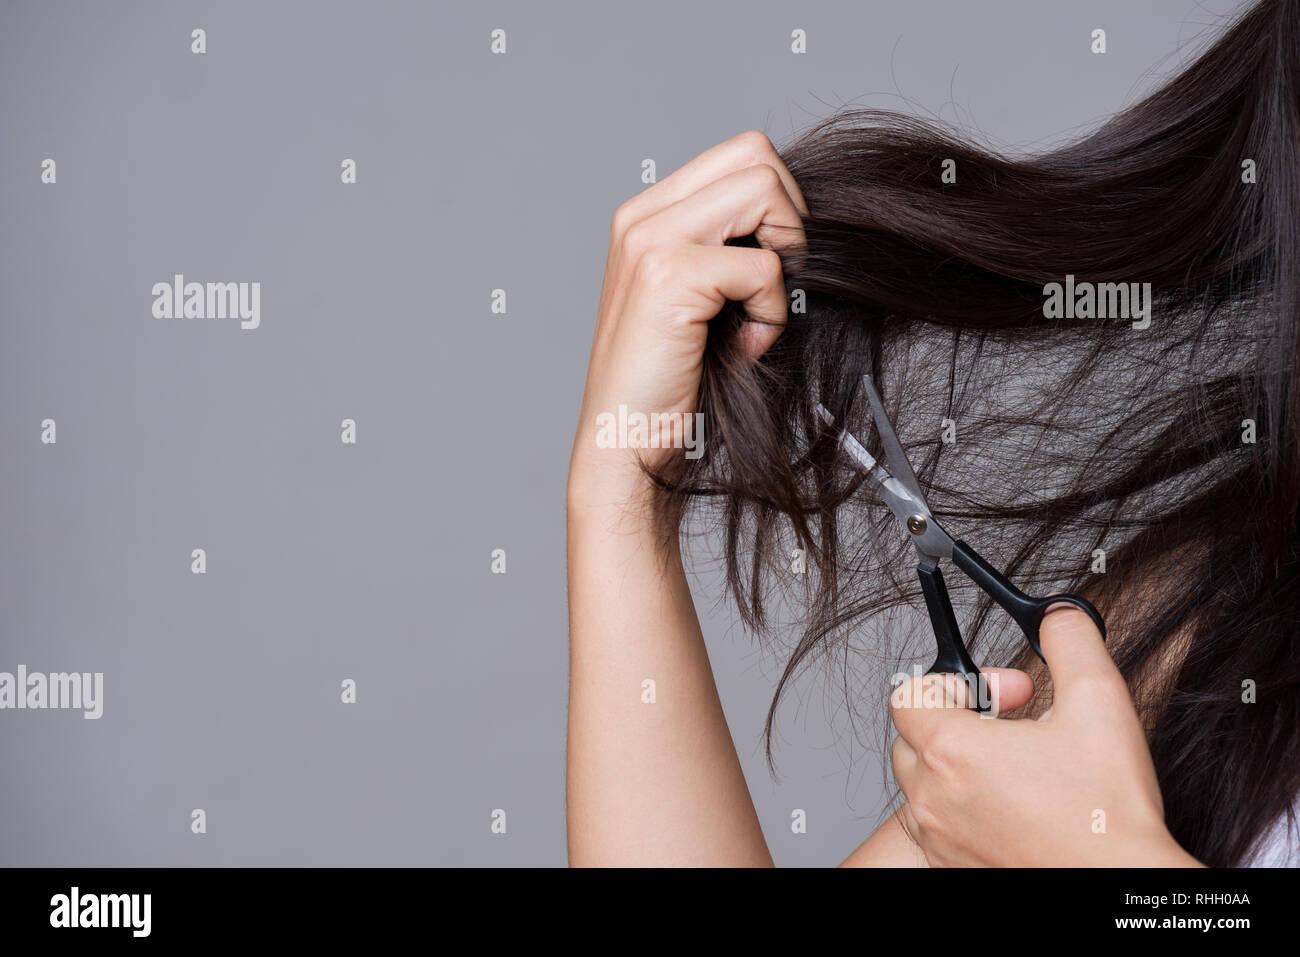 Gesundes Konzept Frau Hand Mit Schere Und Schnitt Ihr